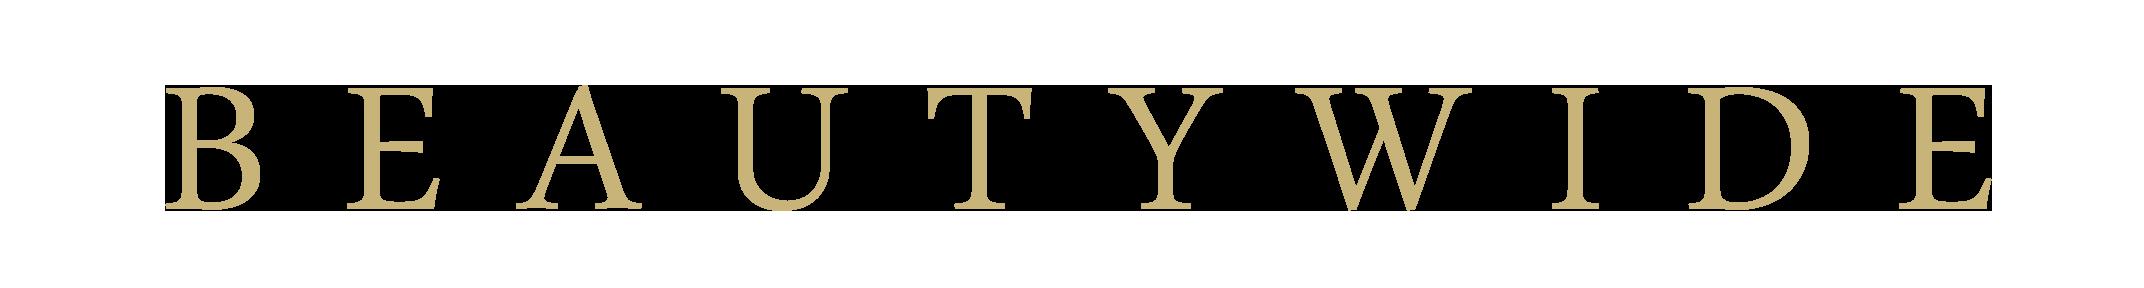 logo beauty wide